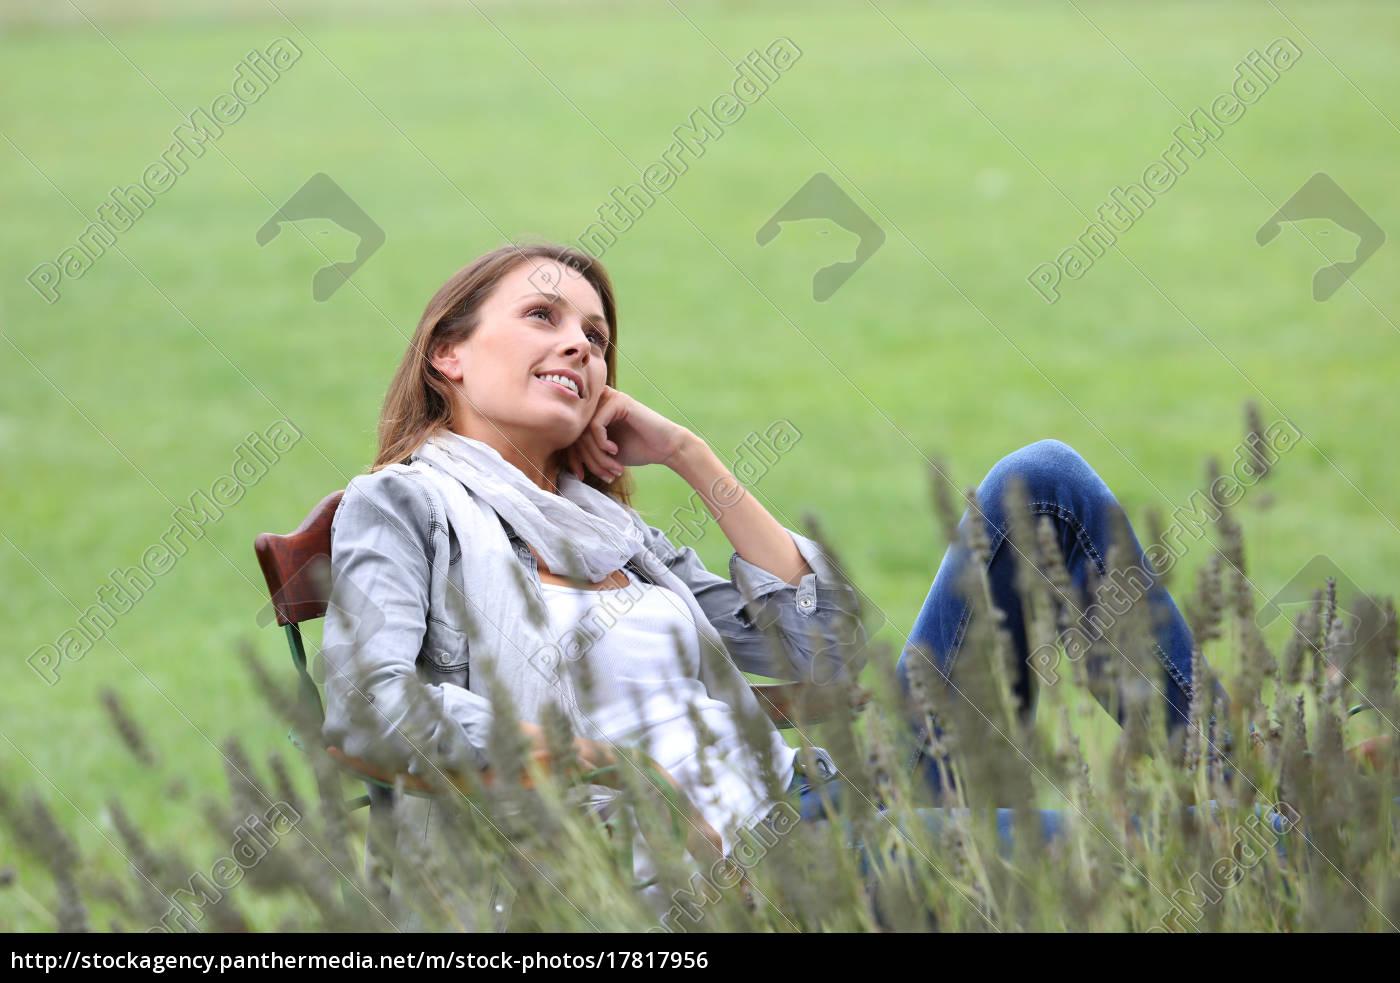 frau, entspannt, im, stuhl, im, hausgarten - 17817956